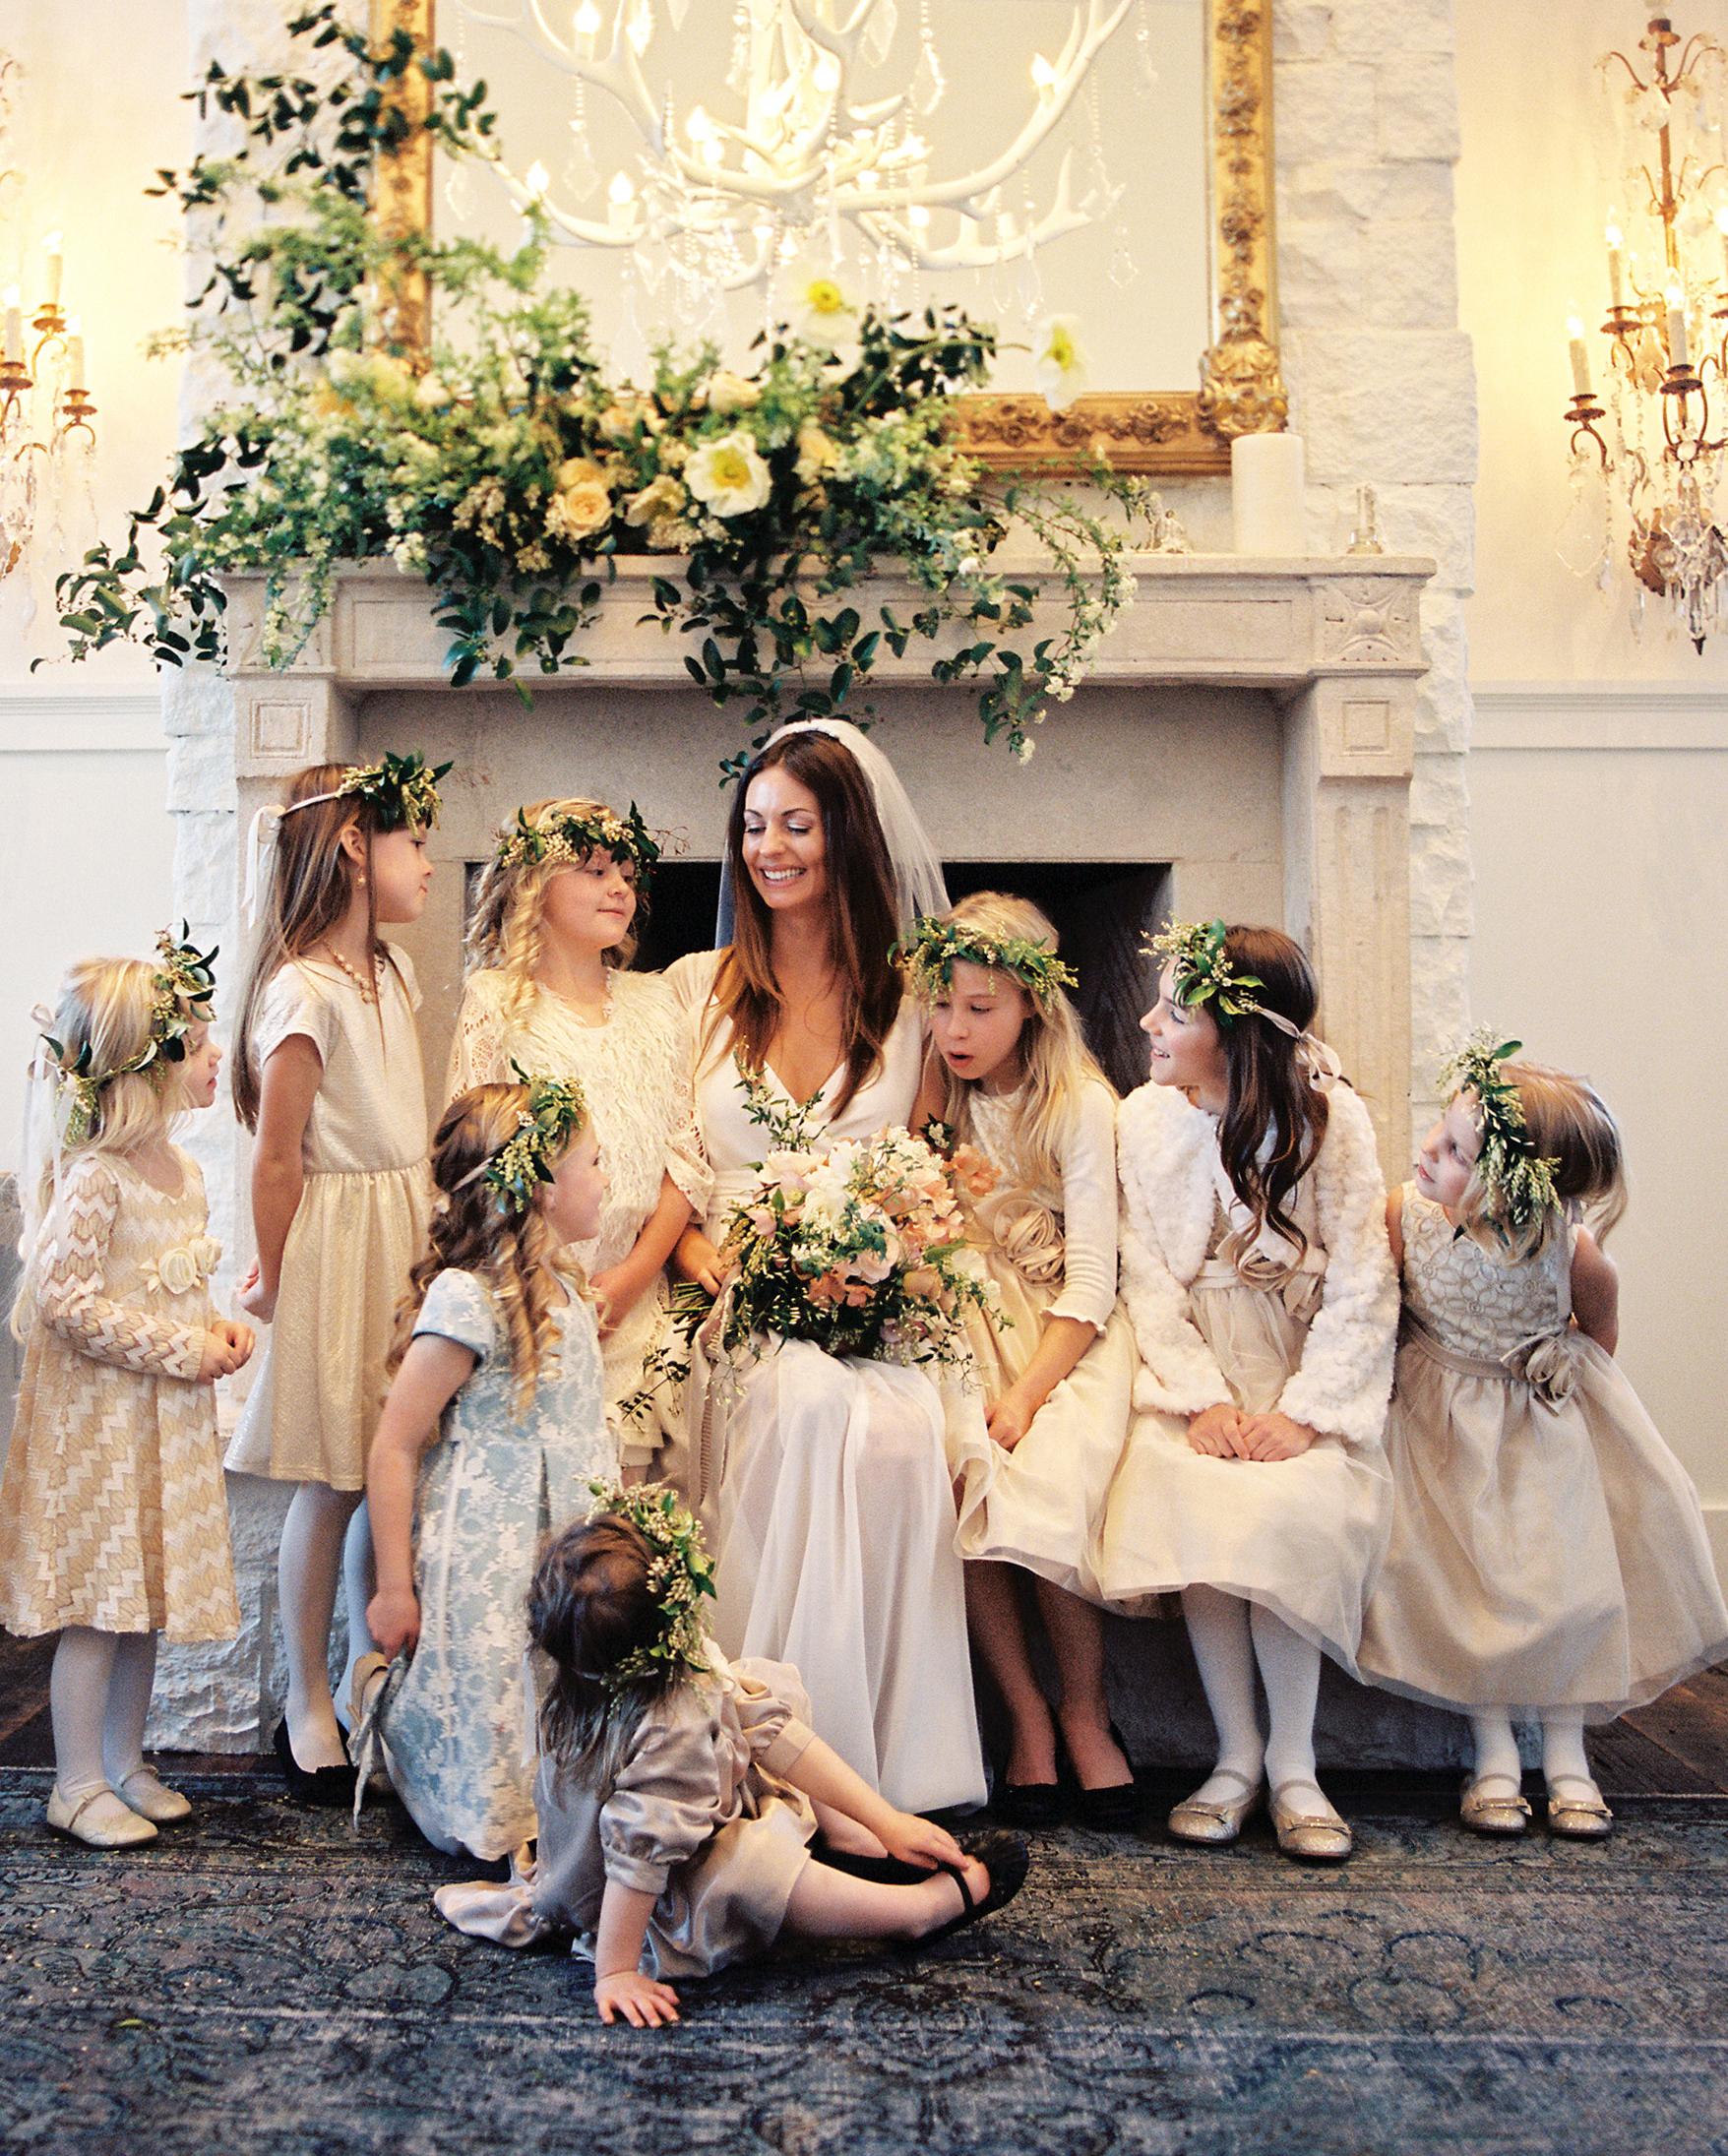 rachel-tyson-wedding-kids-076-s112158-0915.jpg